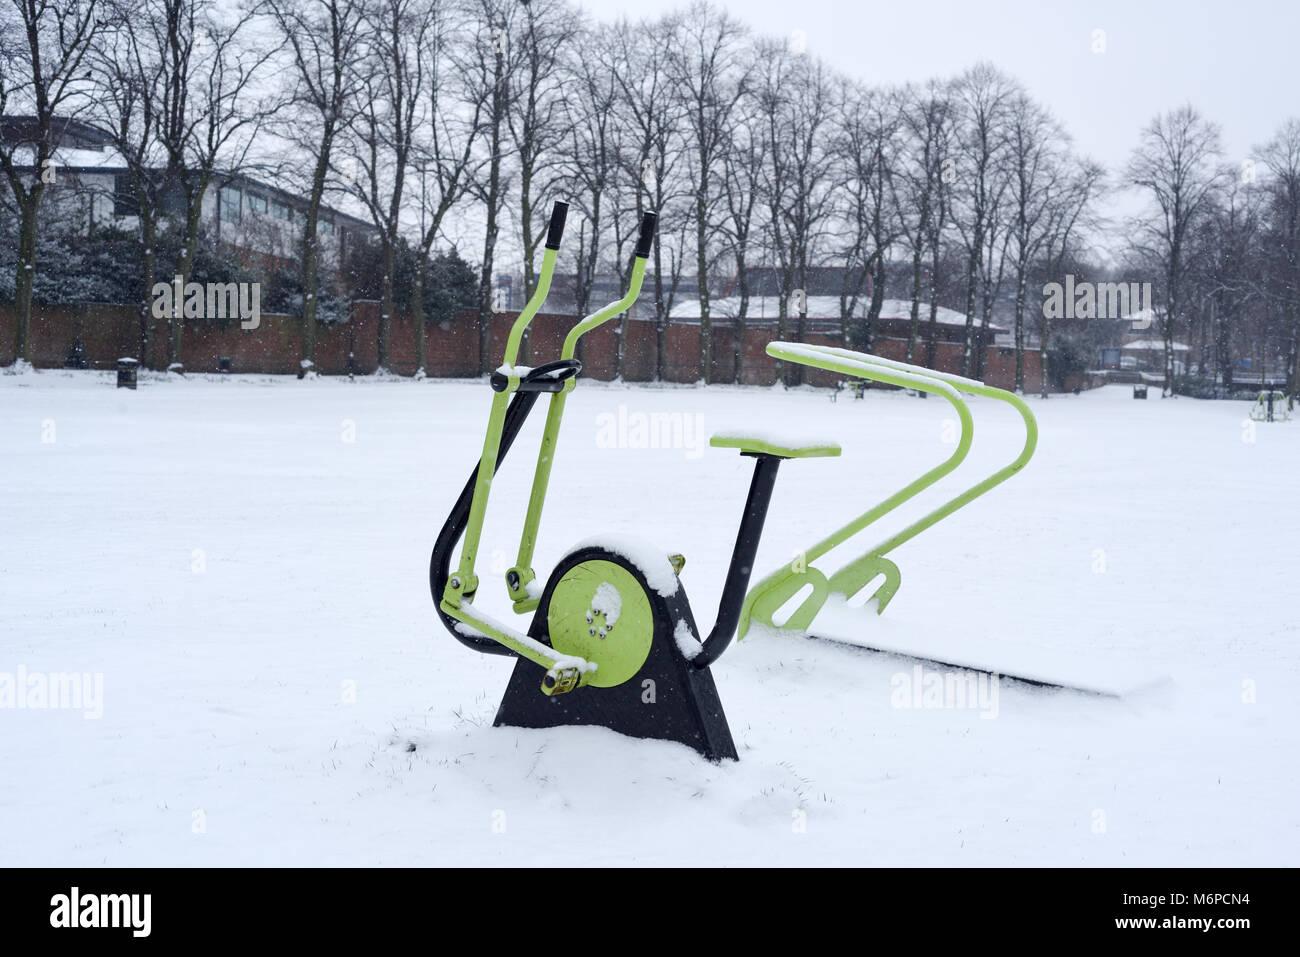 L'équipement d'exercice dans un parc public couvertes de neige,UK. Photo Stock